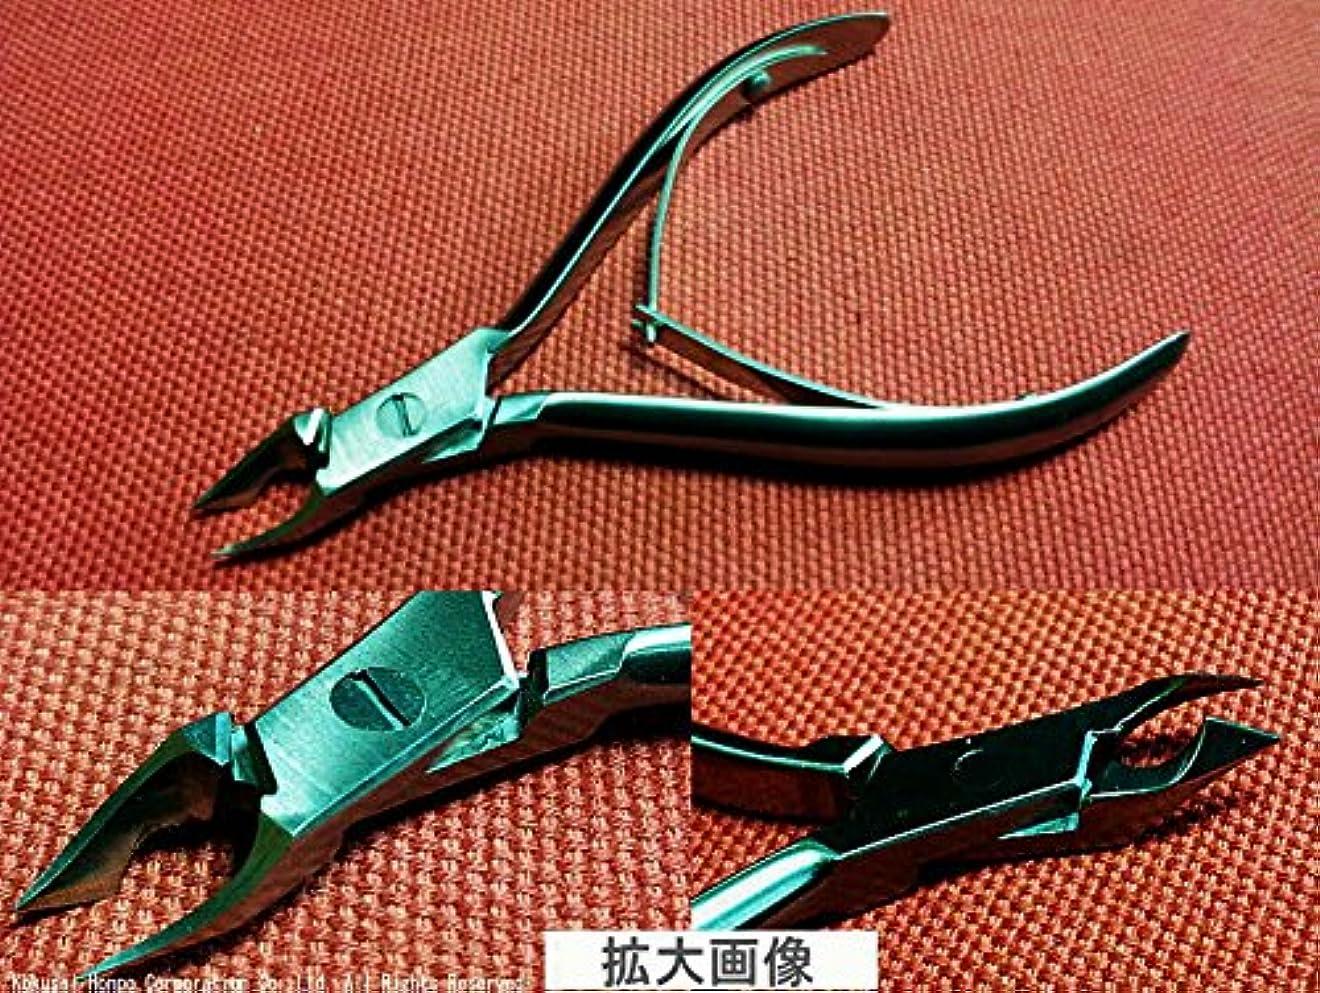 懇願するエスカレーター削減#15キューティクルニッパー(甘皮用)*爪の生え際あま皮カットに◆医療器具にも使用されるステンレス製